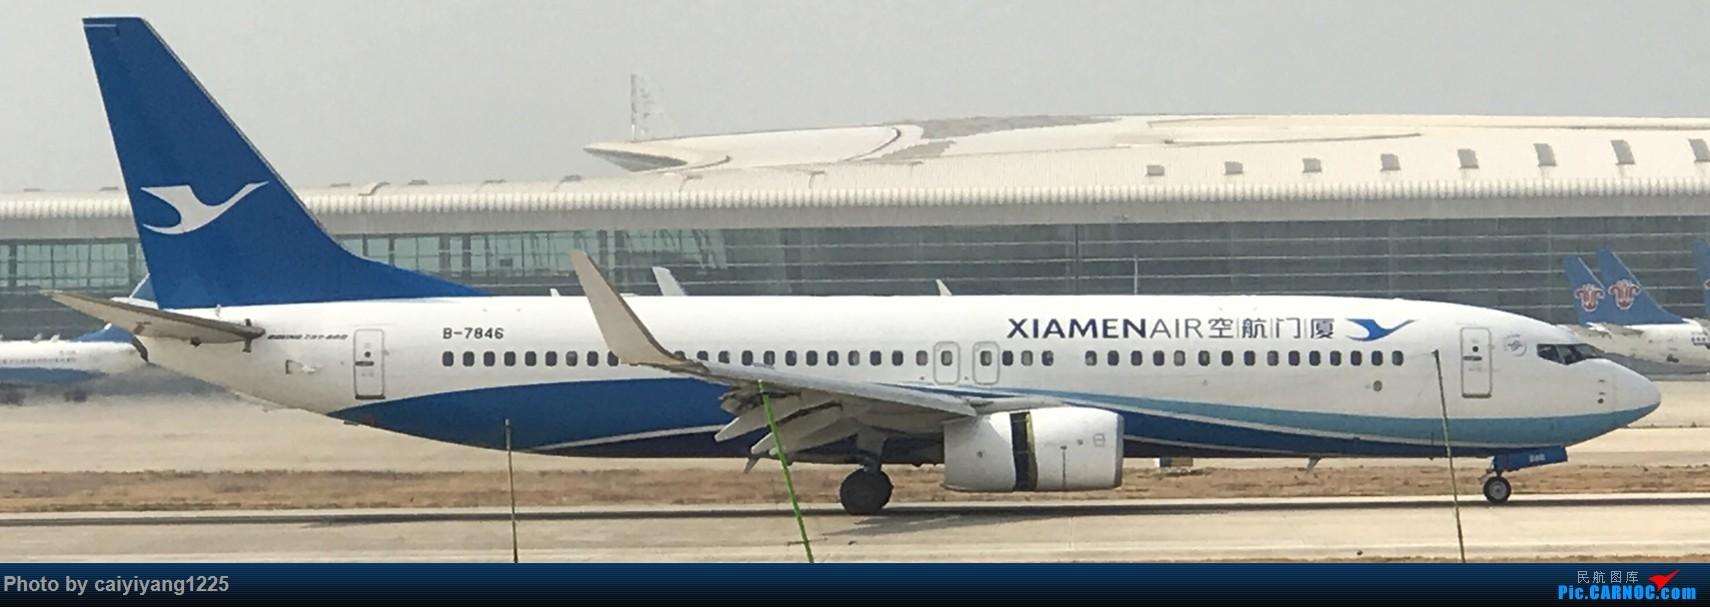 Re:[原创]武汉国庆拍机ps:出门忘带相机 拿手机拍的烂货请见谅! BOEING 737-800 B-7846 武汉天河国际机场